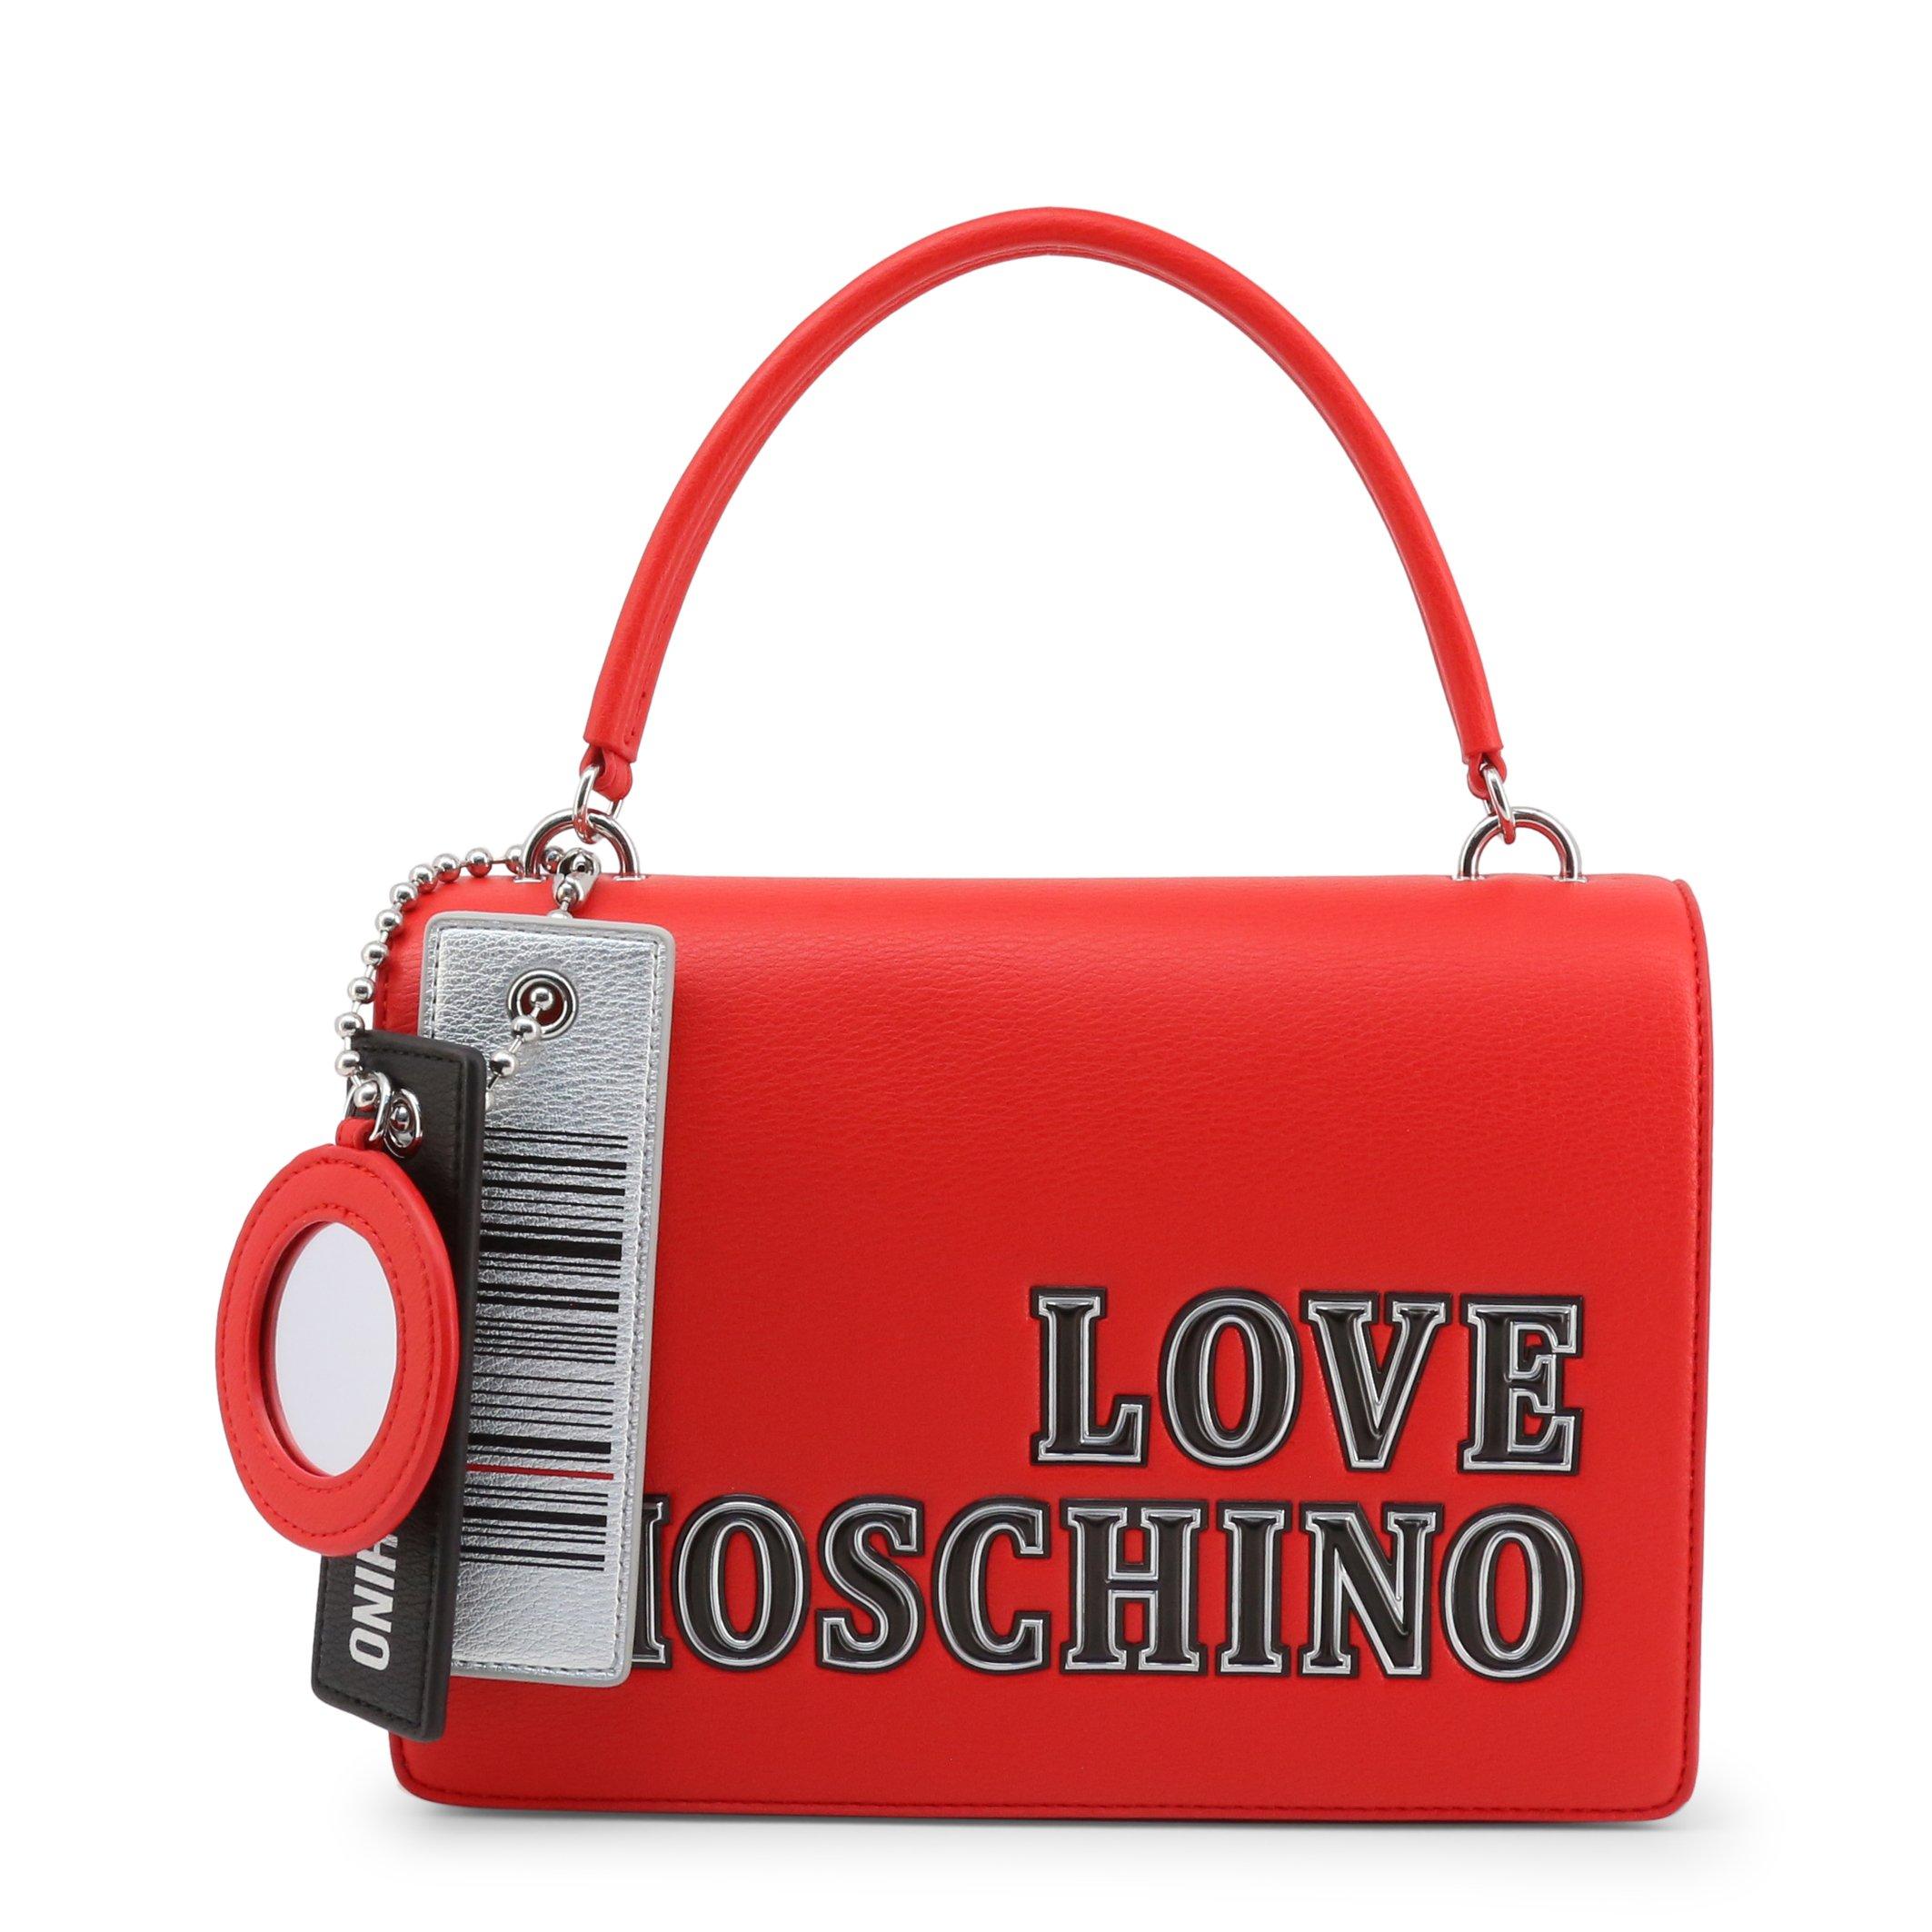 Love Moschino Women's Handbag Various Colours JC4238PP0BKG - red NOSIZE